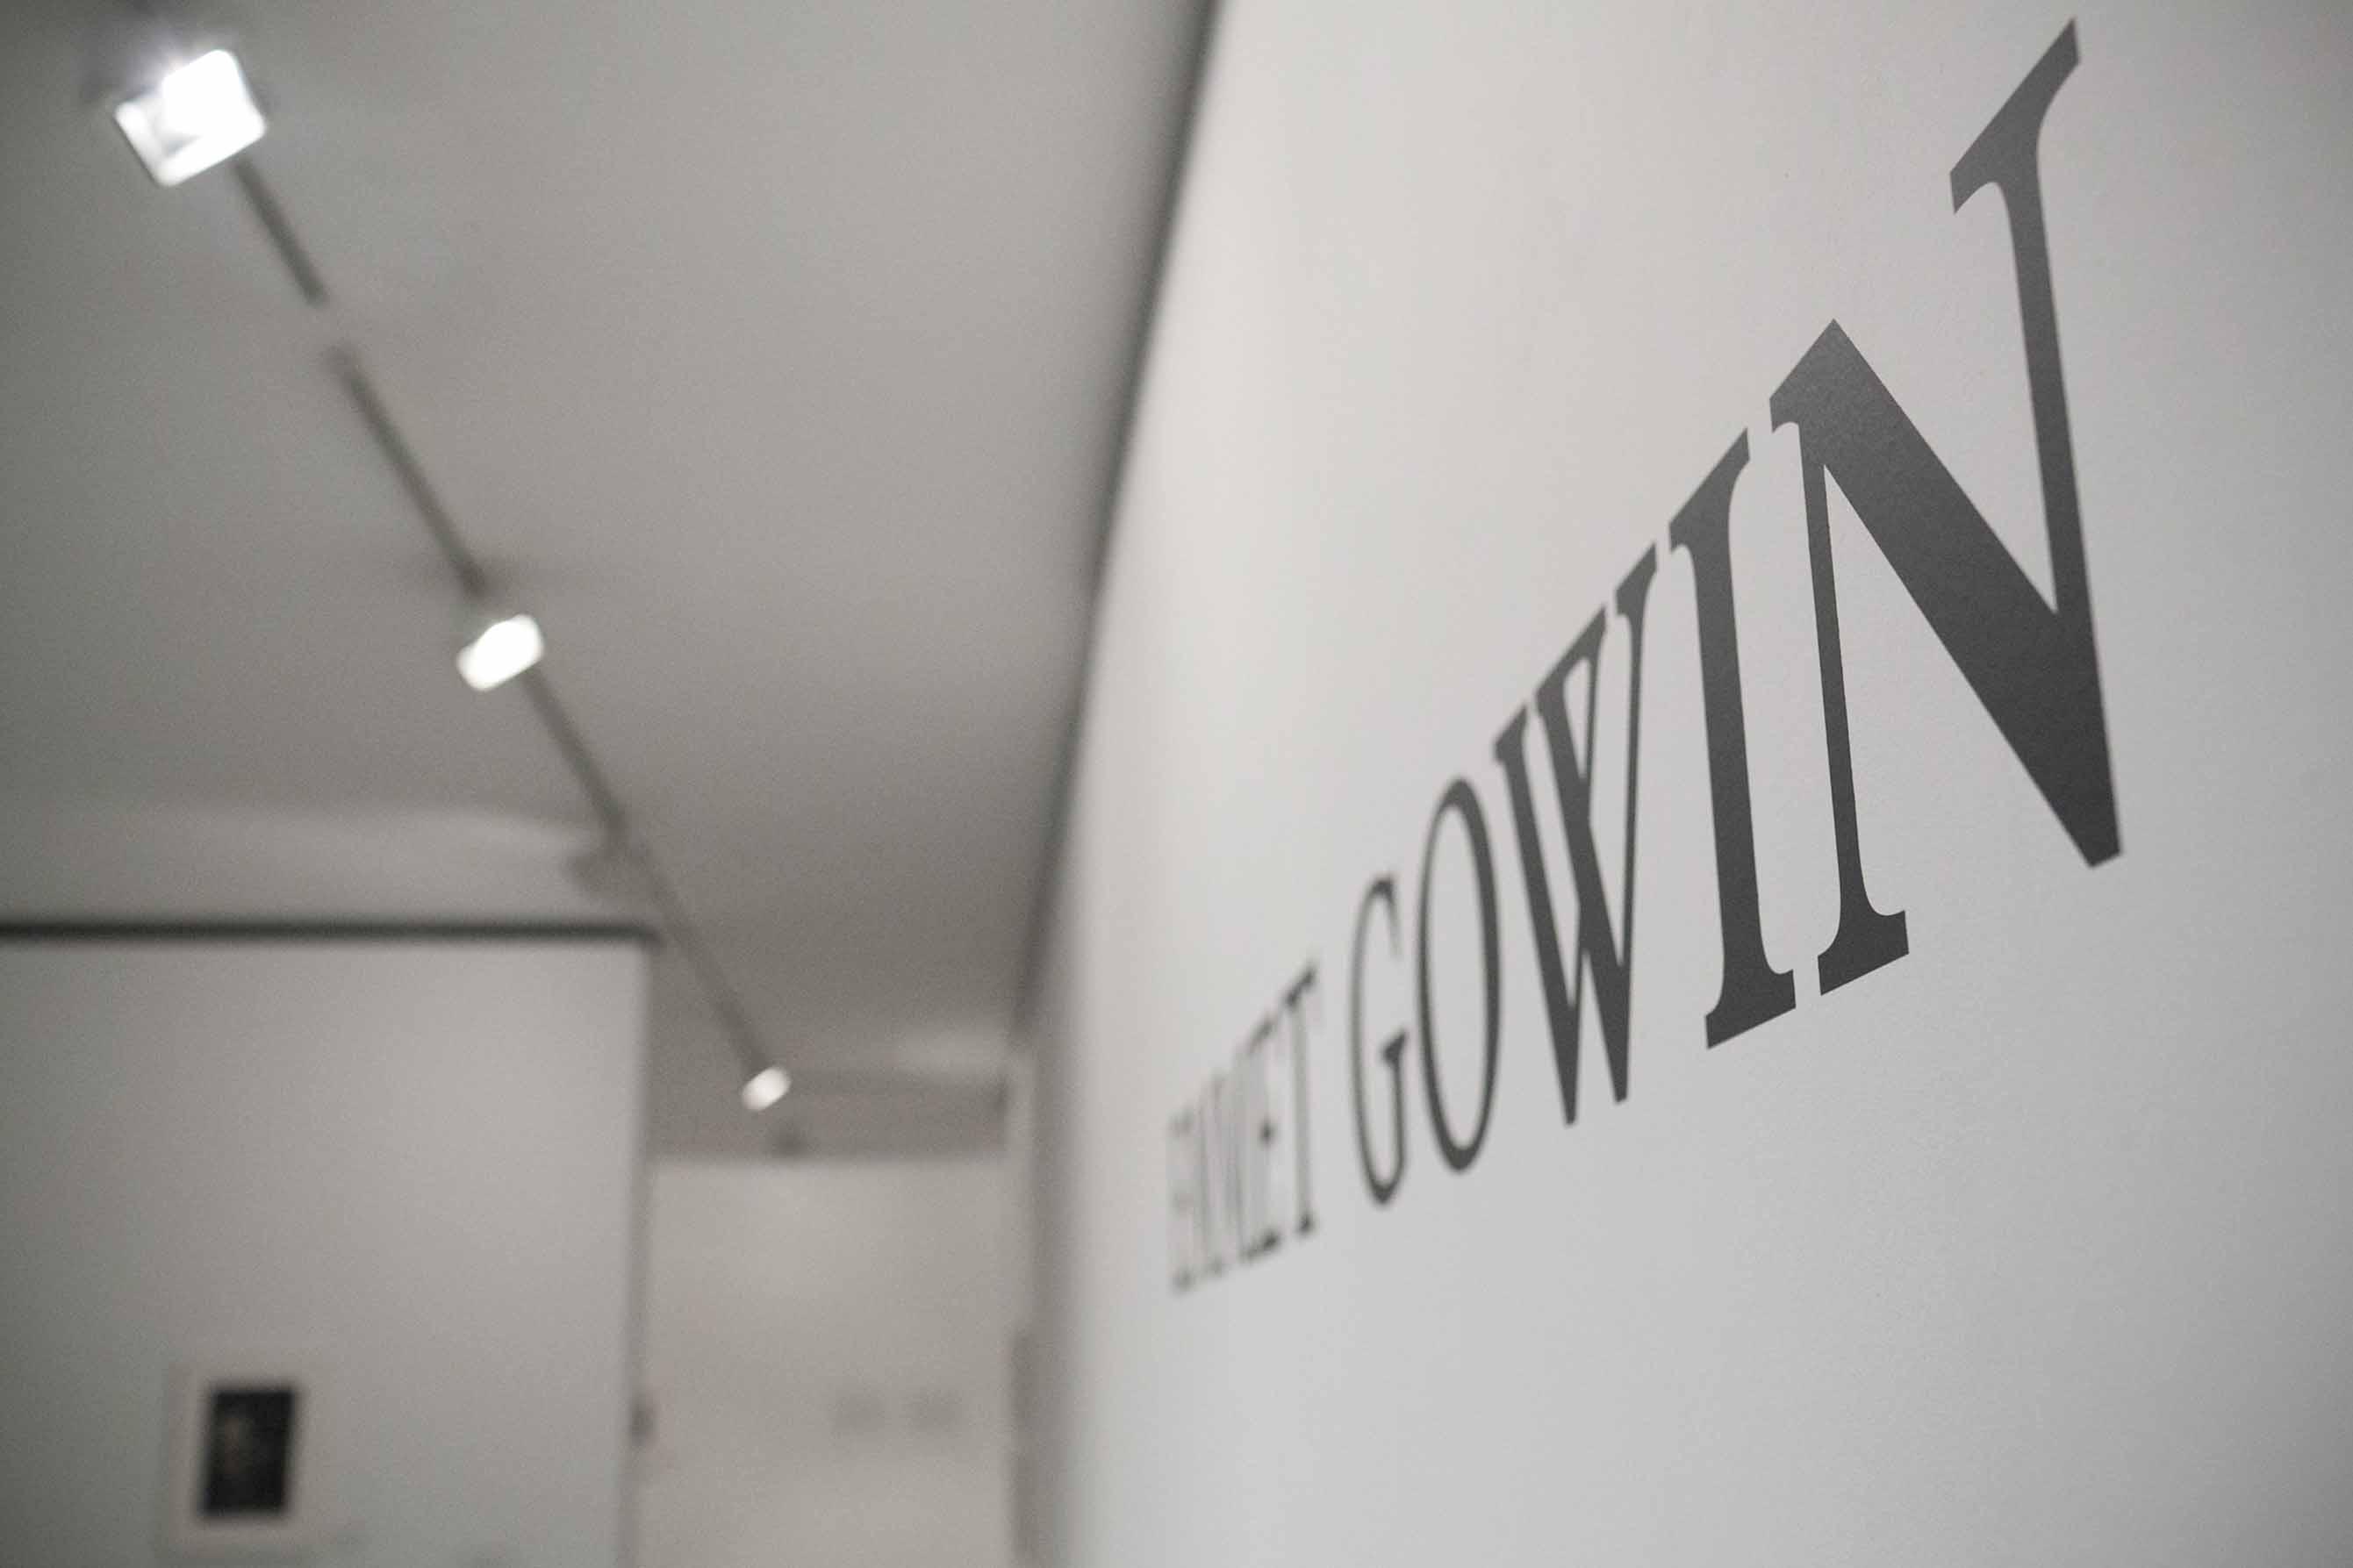 Visita a la Exposición de Emmet Gowin